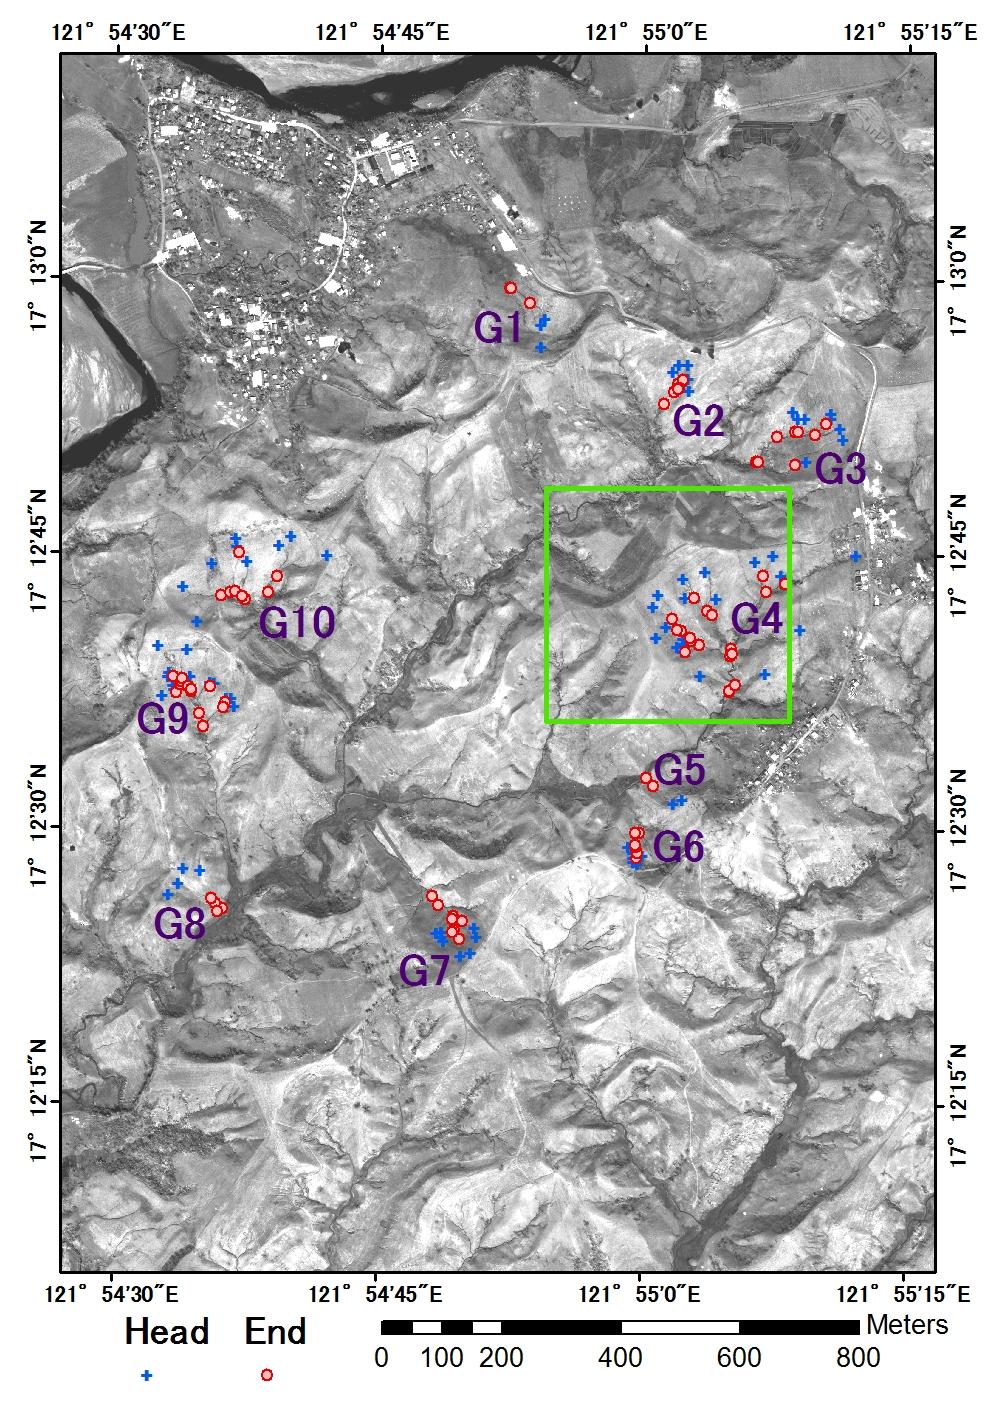 図1 ガリー侵食域抽出結果(赤色部)